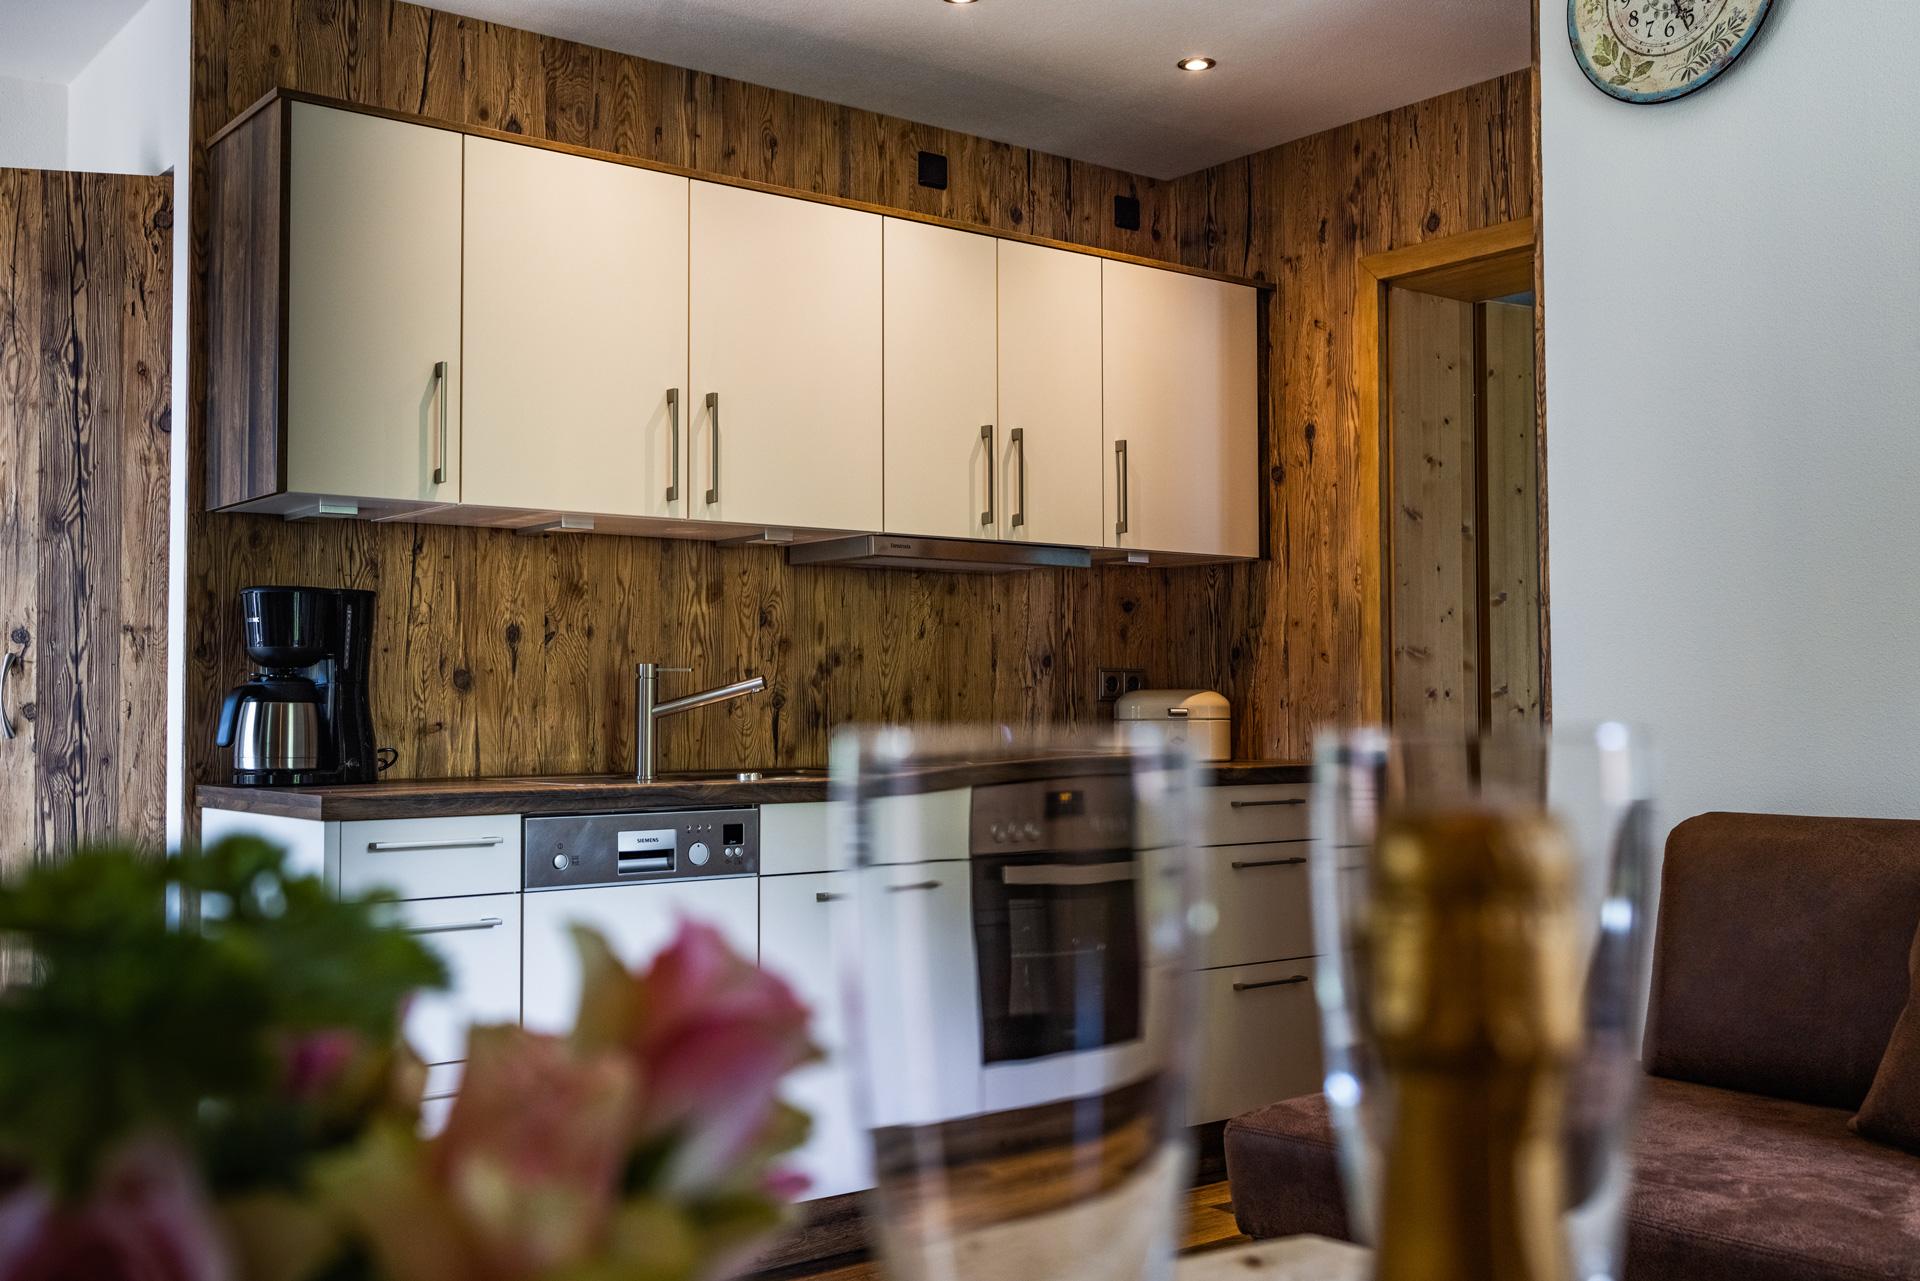 Dreischichtplatten mit Möbelschutzlack als Küchenrückwand